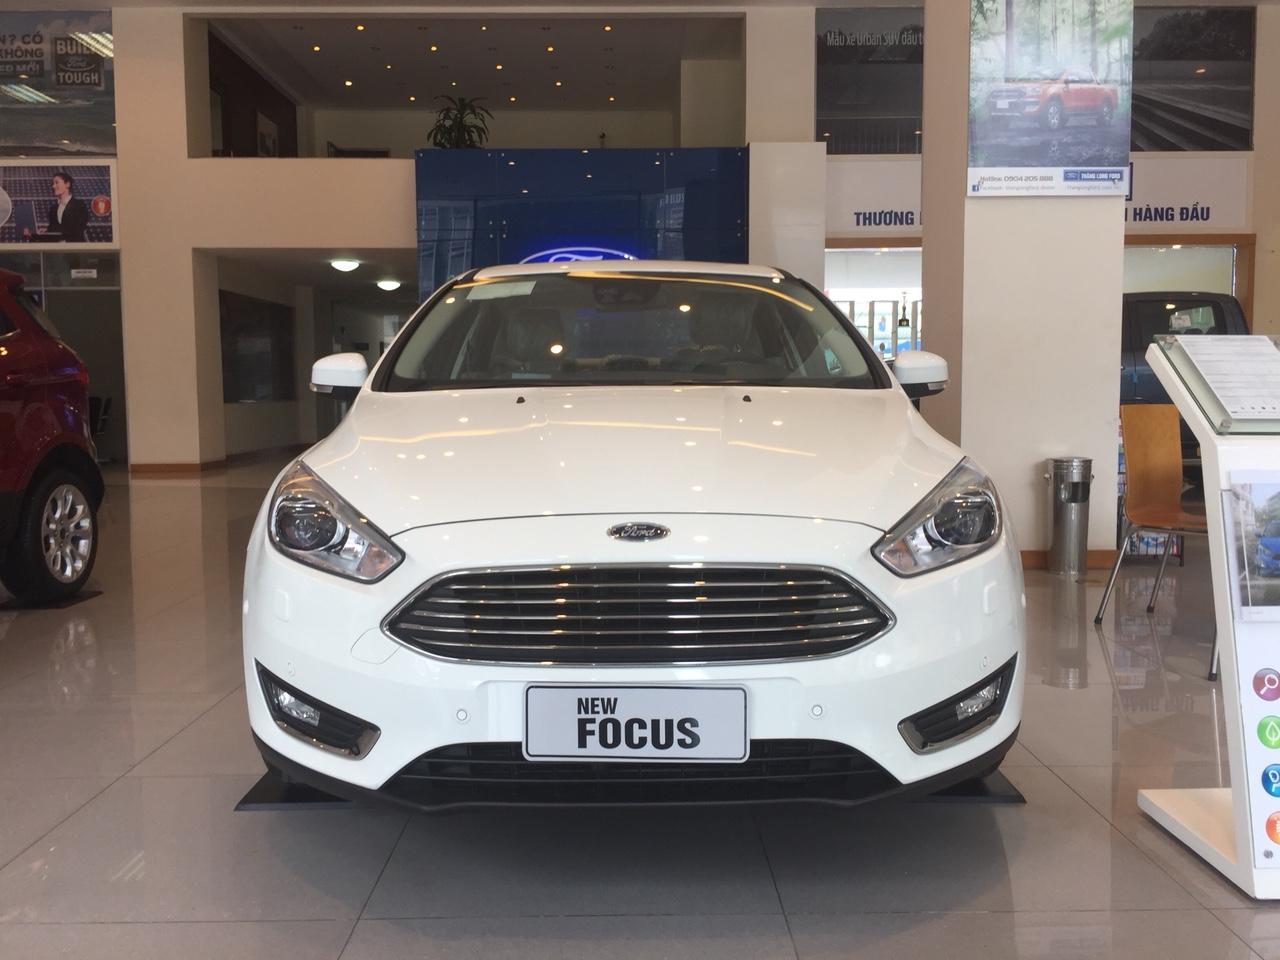 Focus 1.5L Ecoboost, 04 cửa, sx 2018